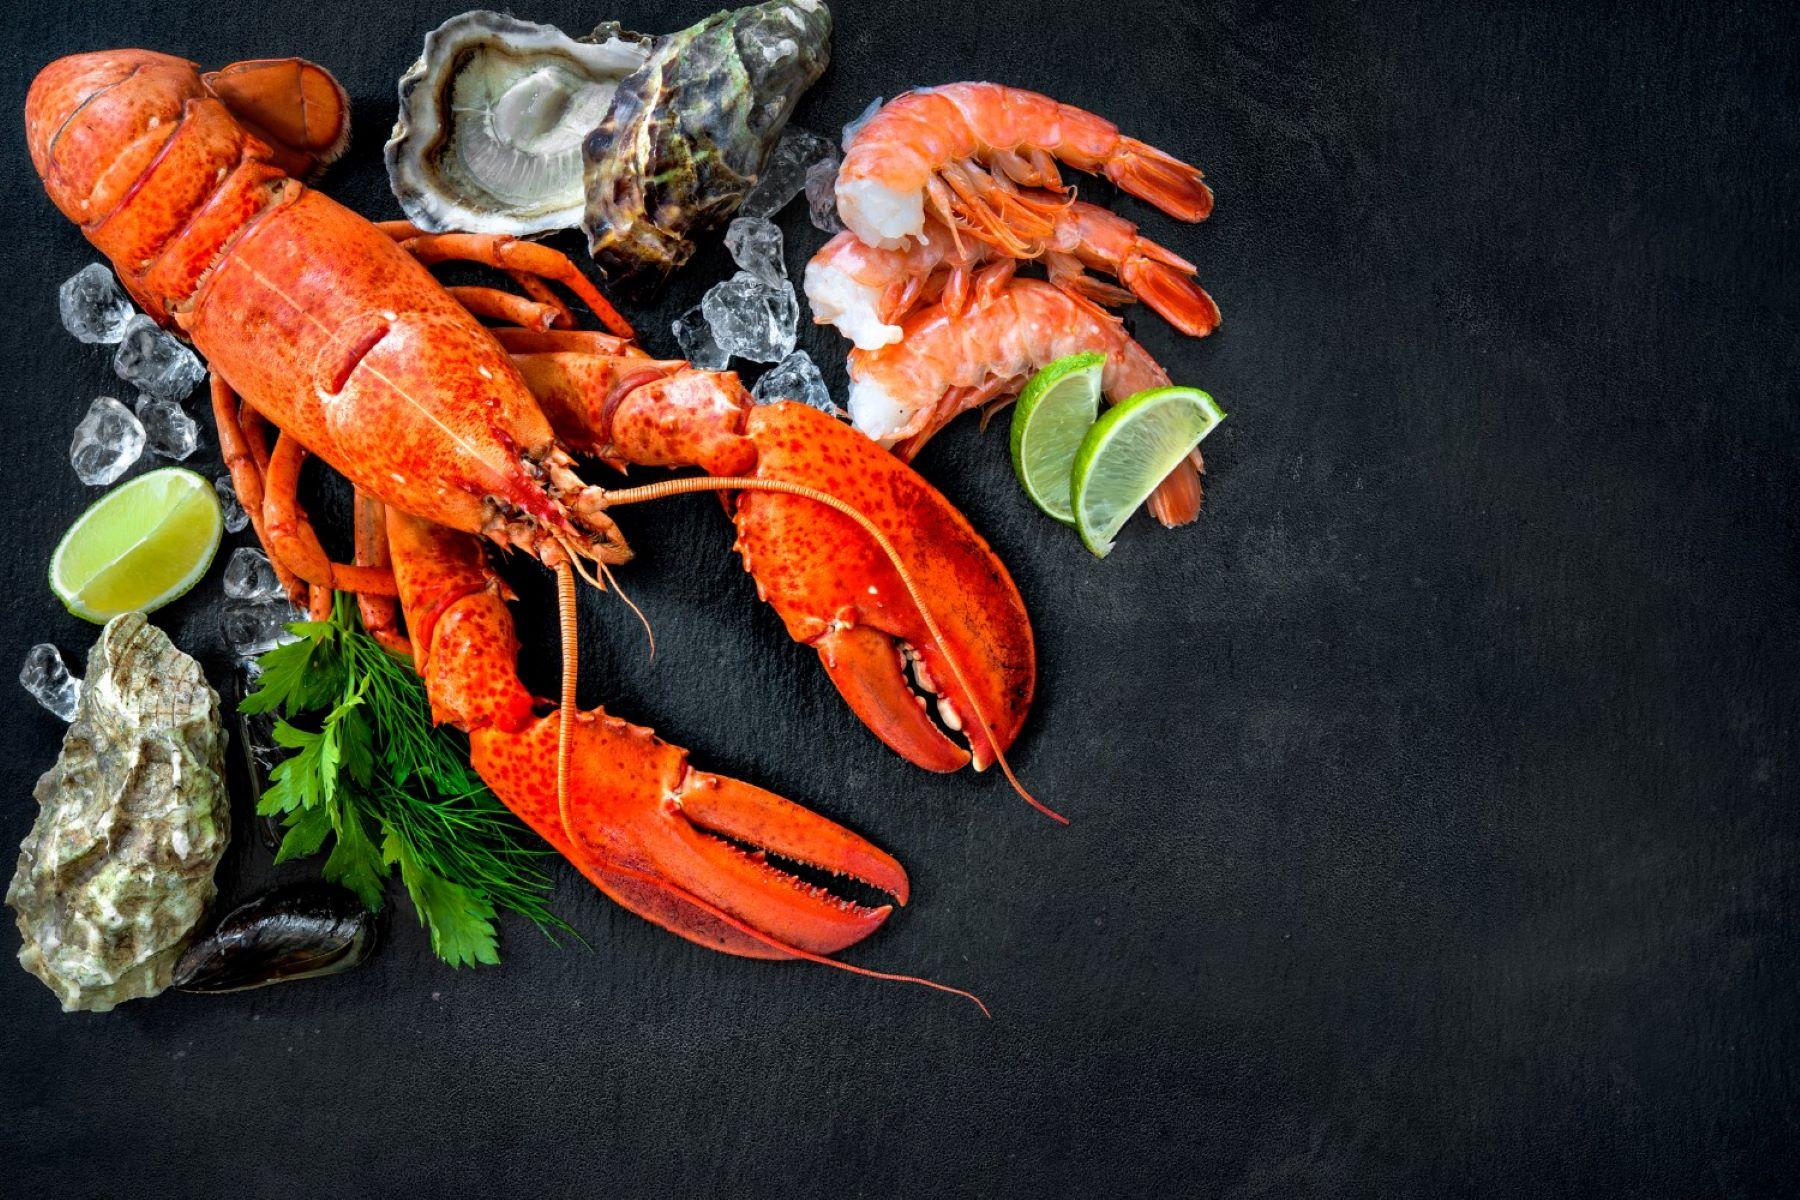 El consumo de mariscos más saludables es bueno para la salud